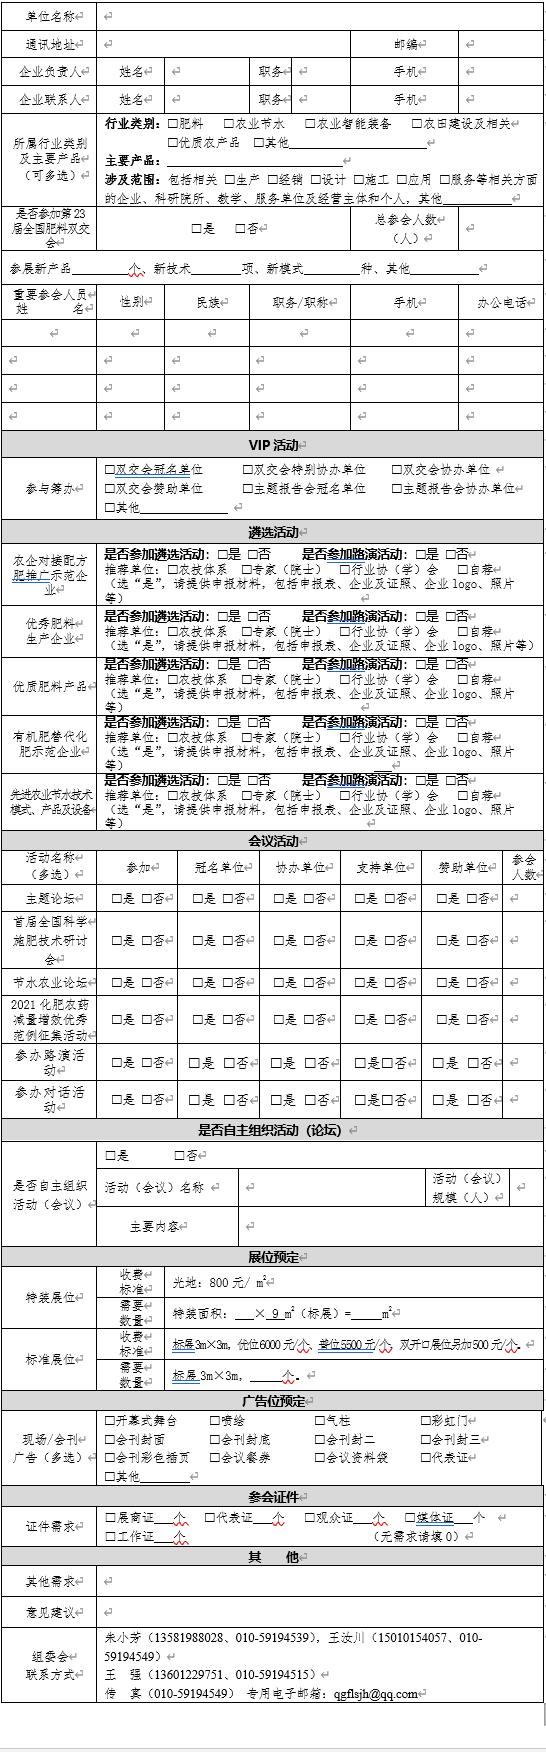 全国肥料双交会宣传资料 报名意向表(含展位价格)